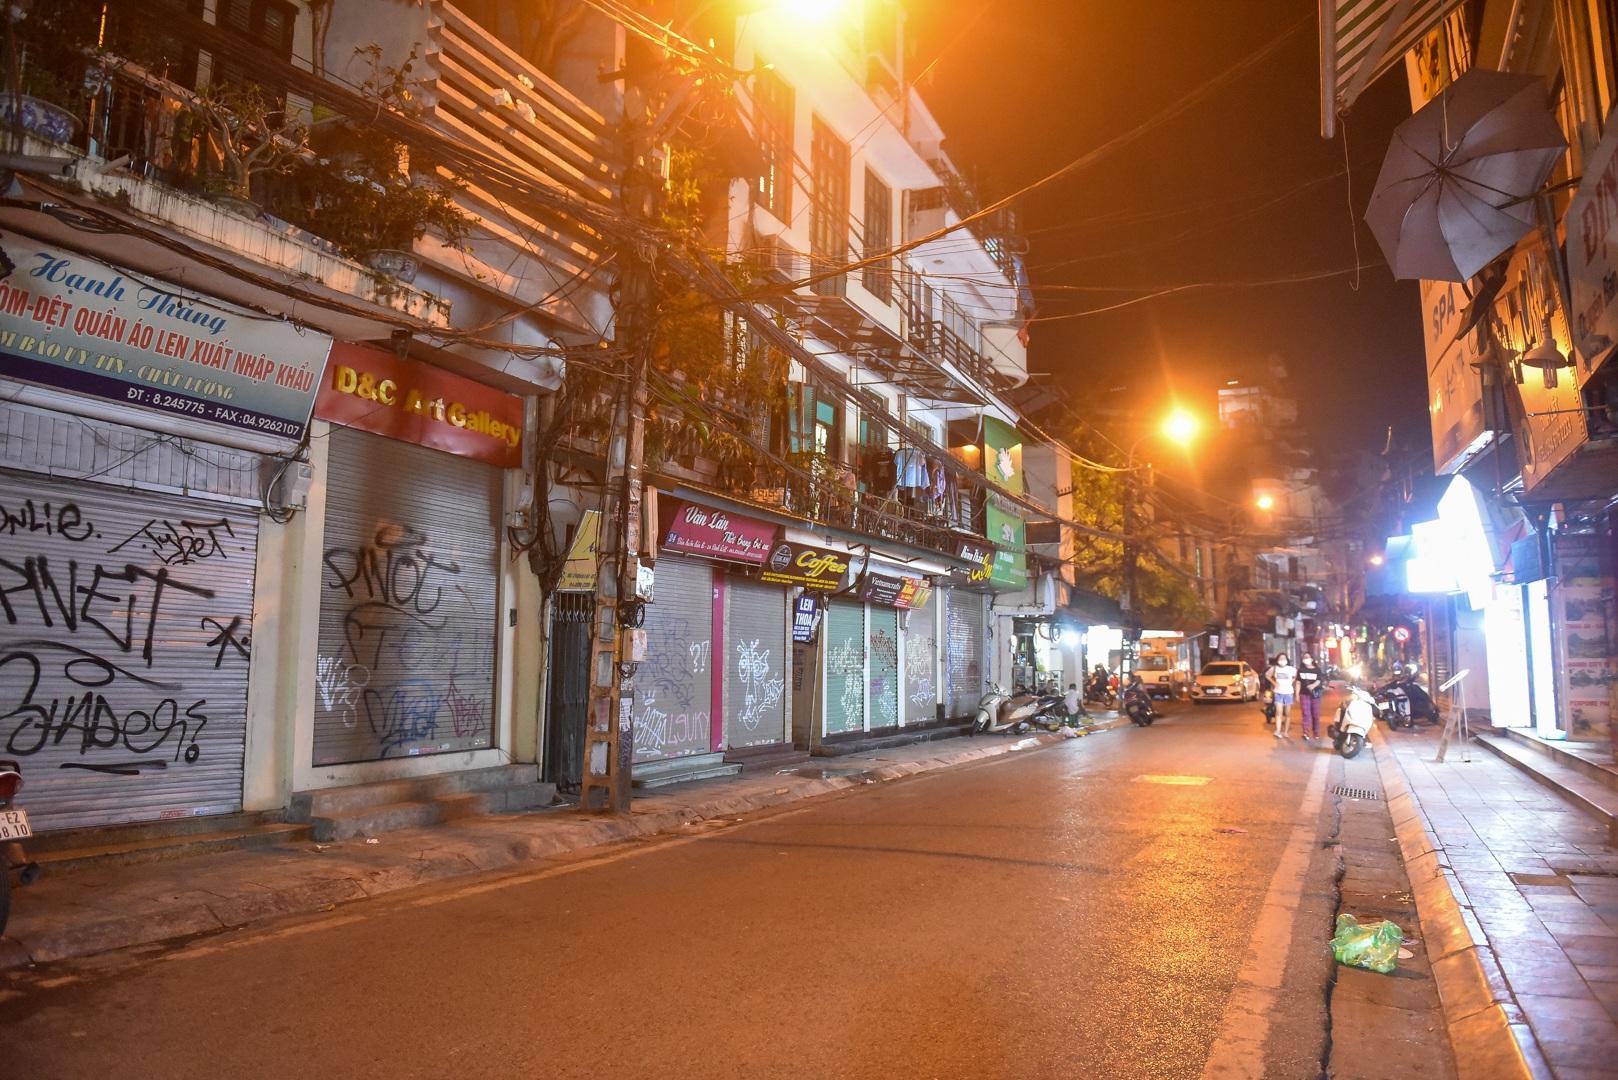 Hàng quán phố cổ thi nhau sang nhượng, đến Tạ Hiện cũng chung cảnh đìu hiu - 9